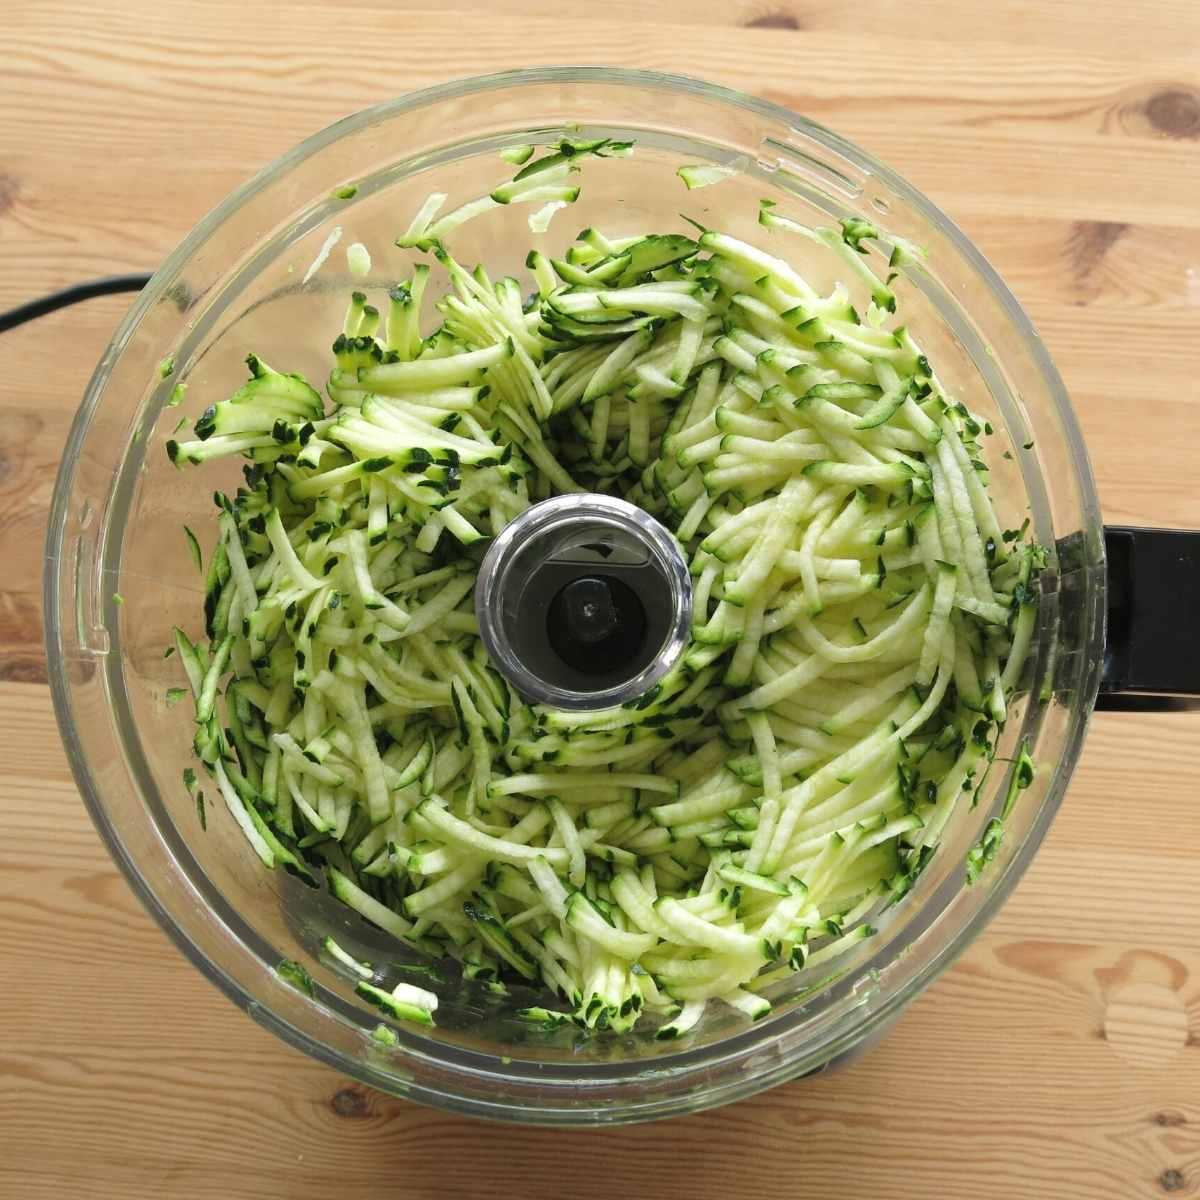 Shredded zucchini in food processor bowl.